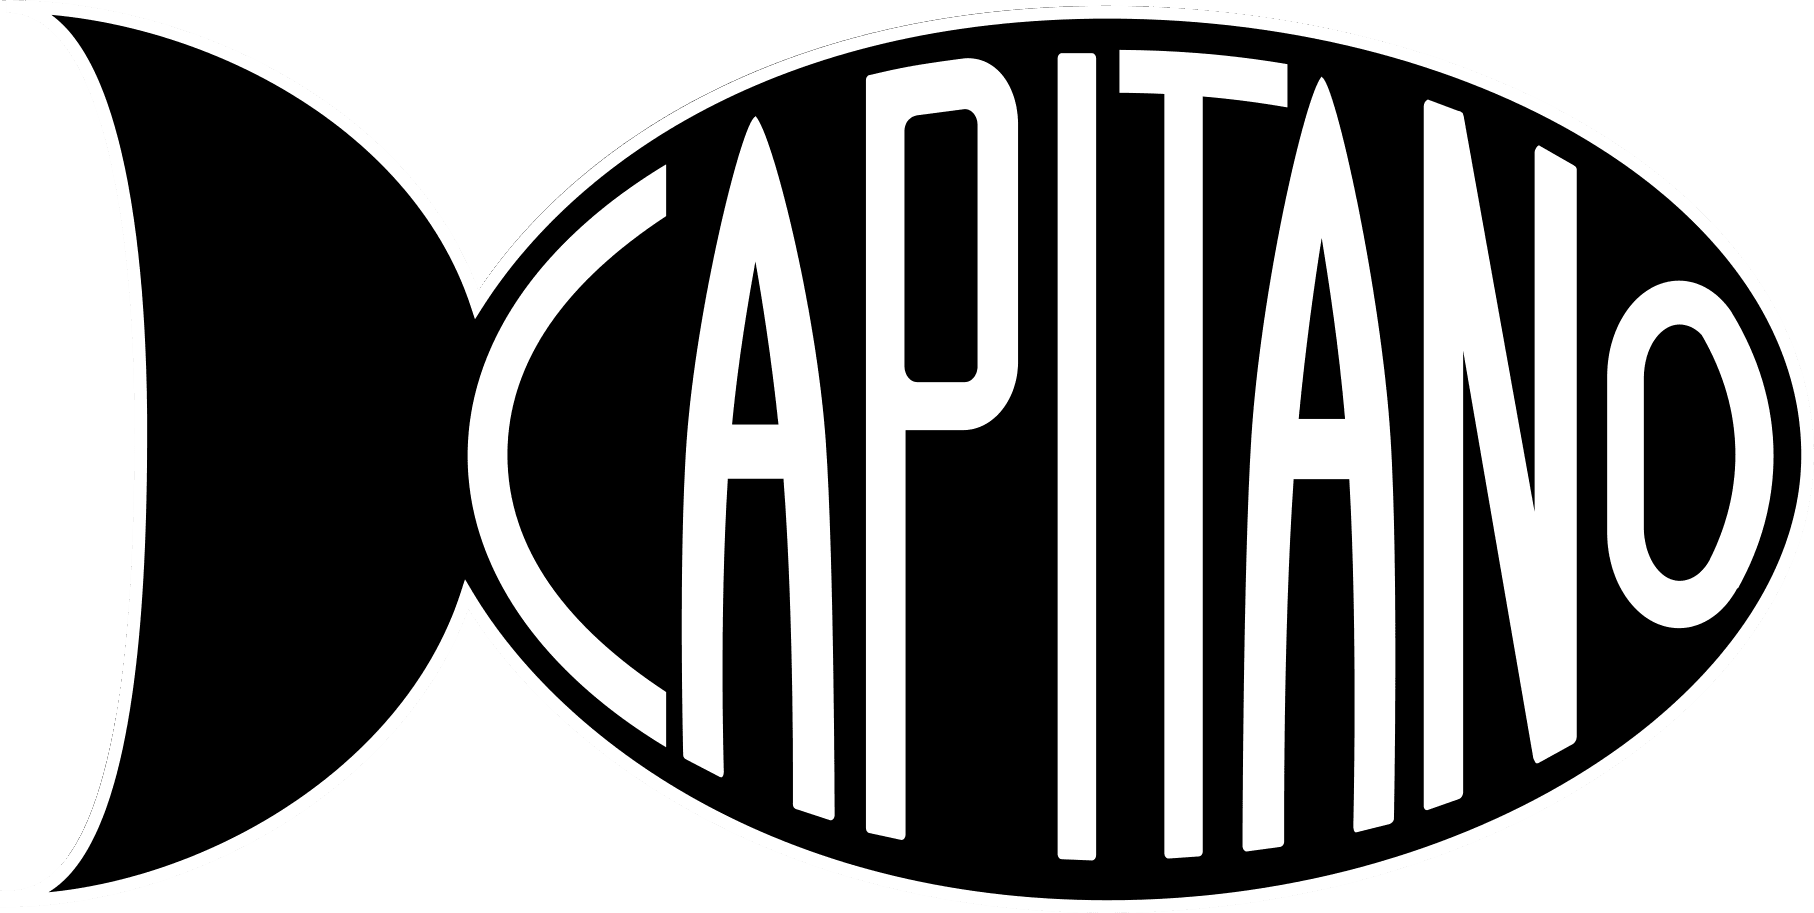 Capitano logo